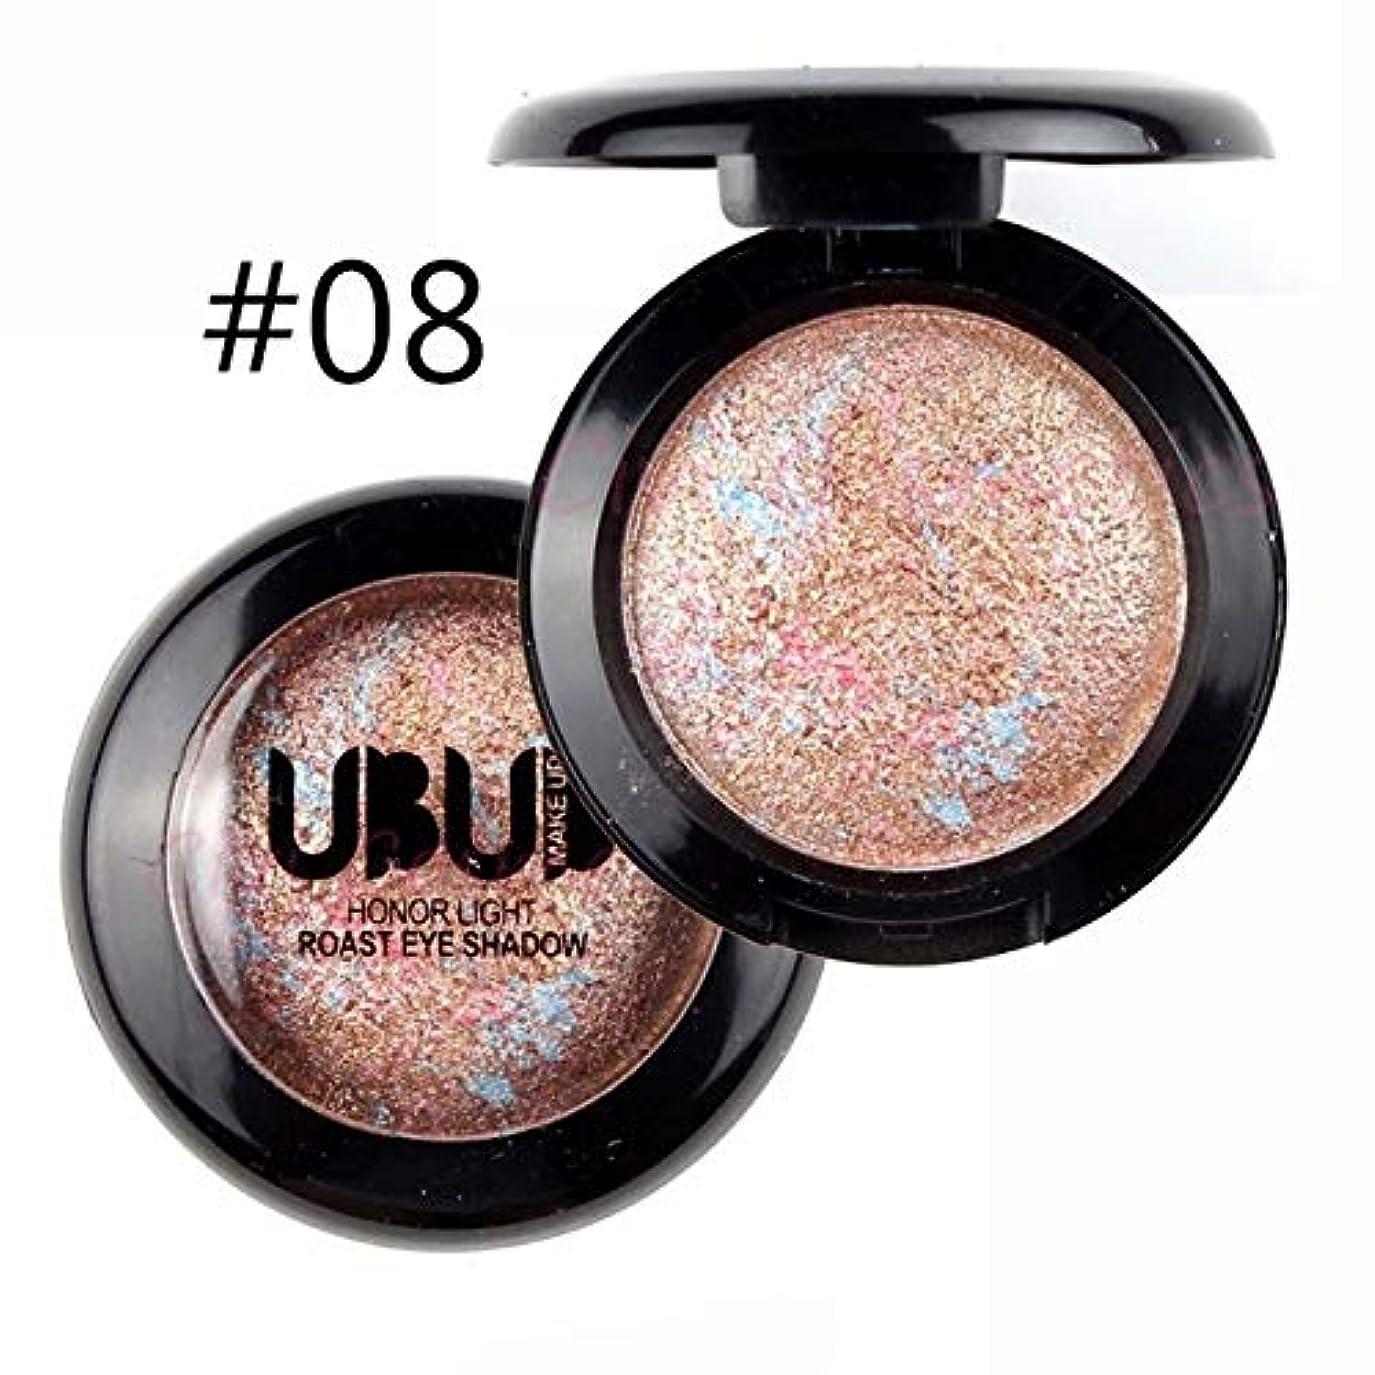 有限学期最初美容アクセサリー UBUB 3 PCS Professionalヌードアイシャドウパレットメイクアップマットアイシャドー(01真珠光沢) 写真美容アクセサリー (色 : 08 Gold bronze)